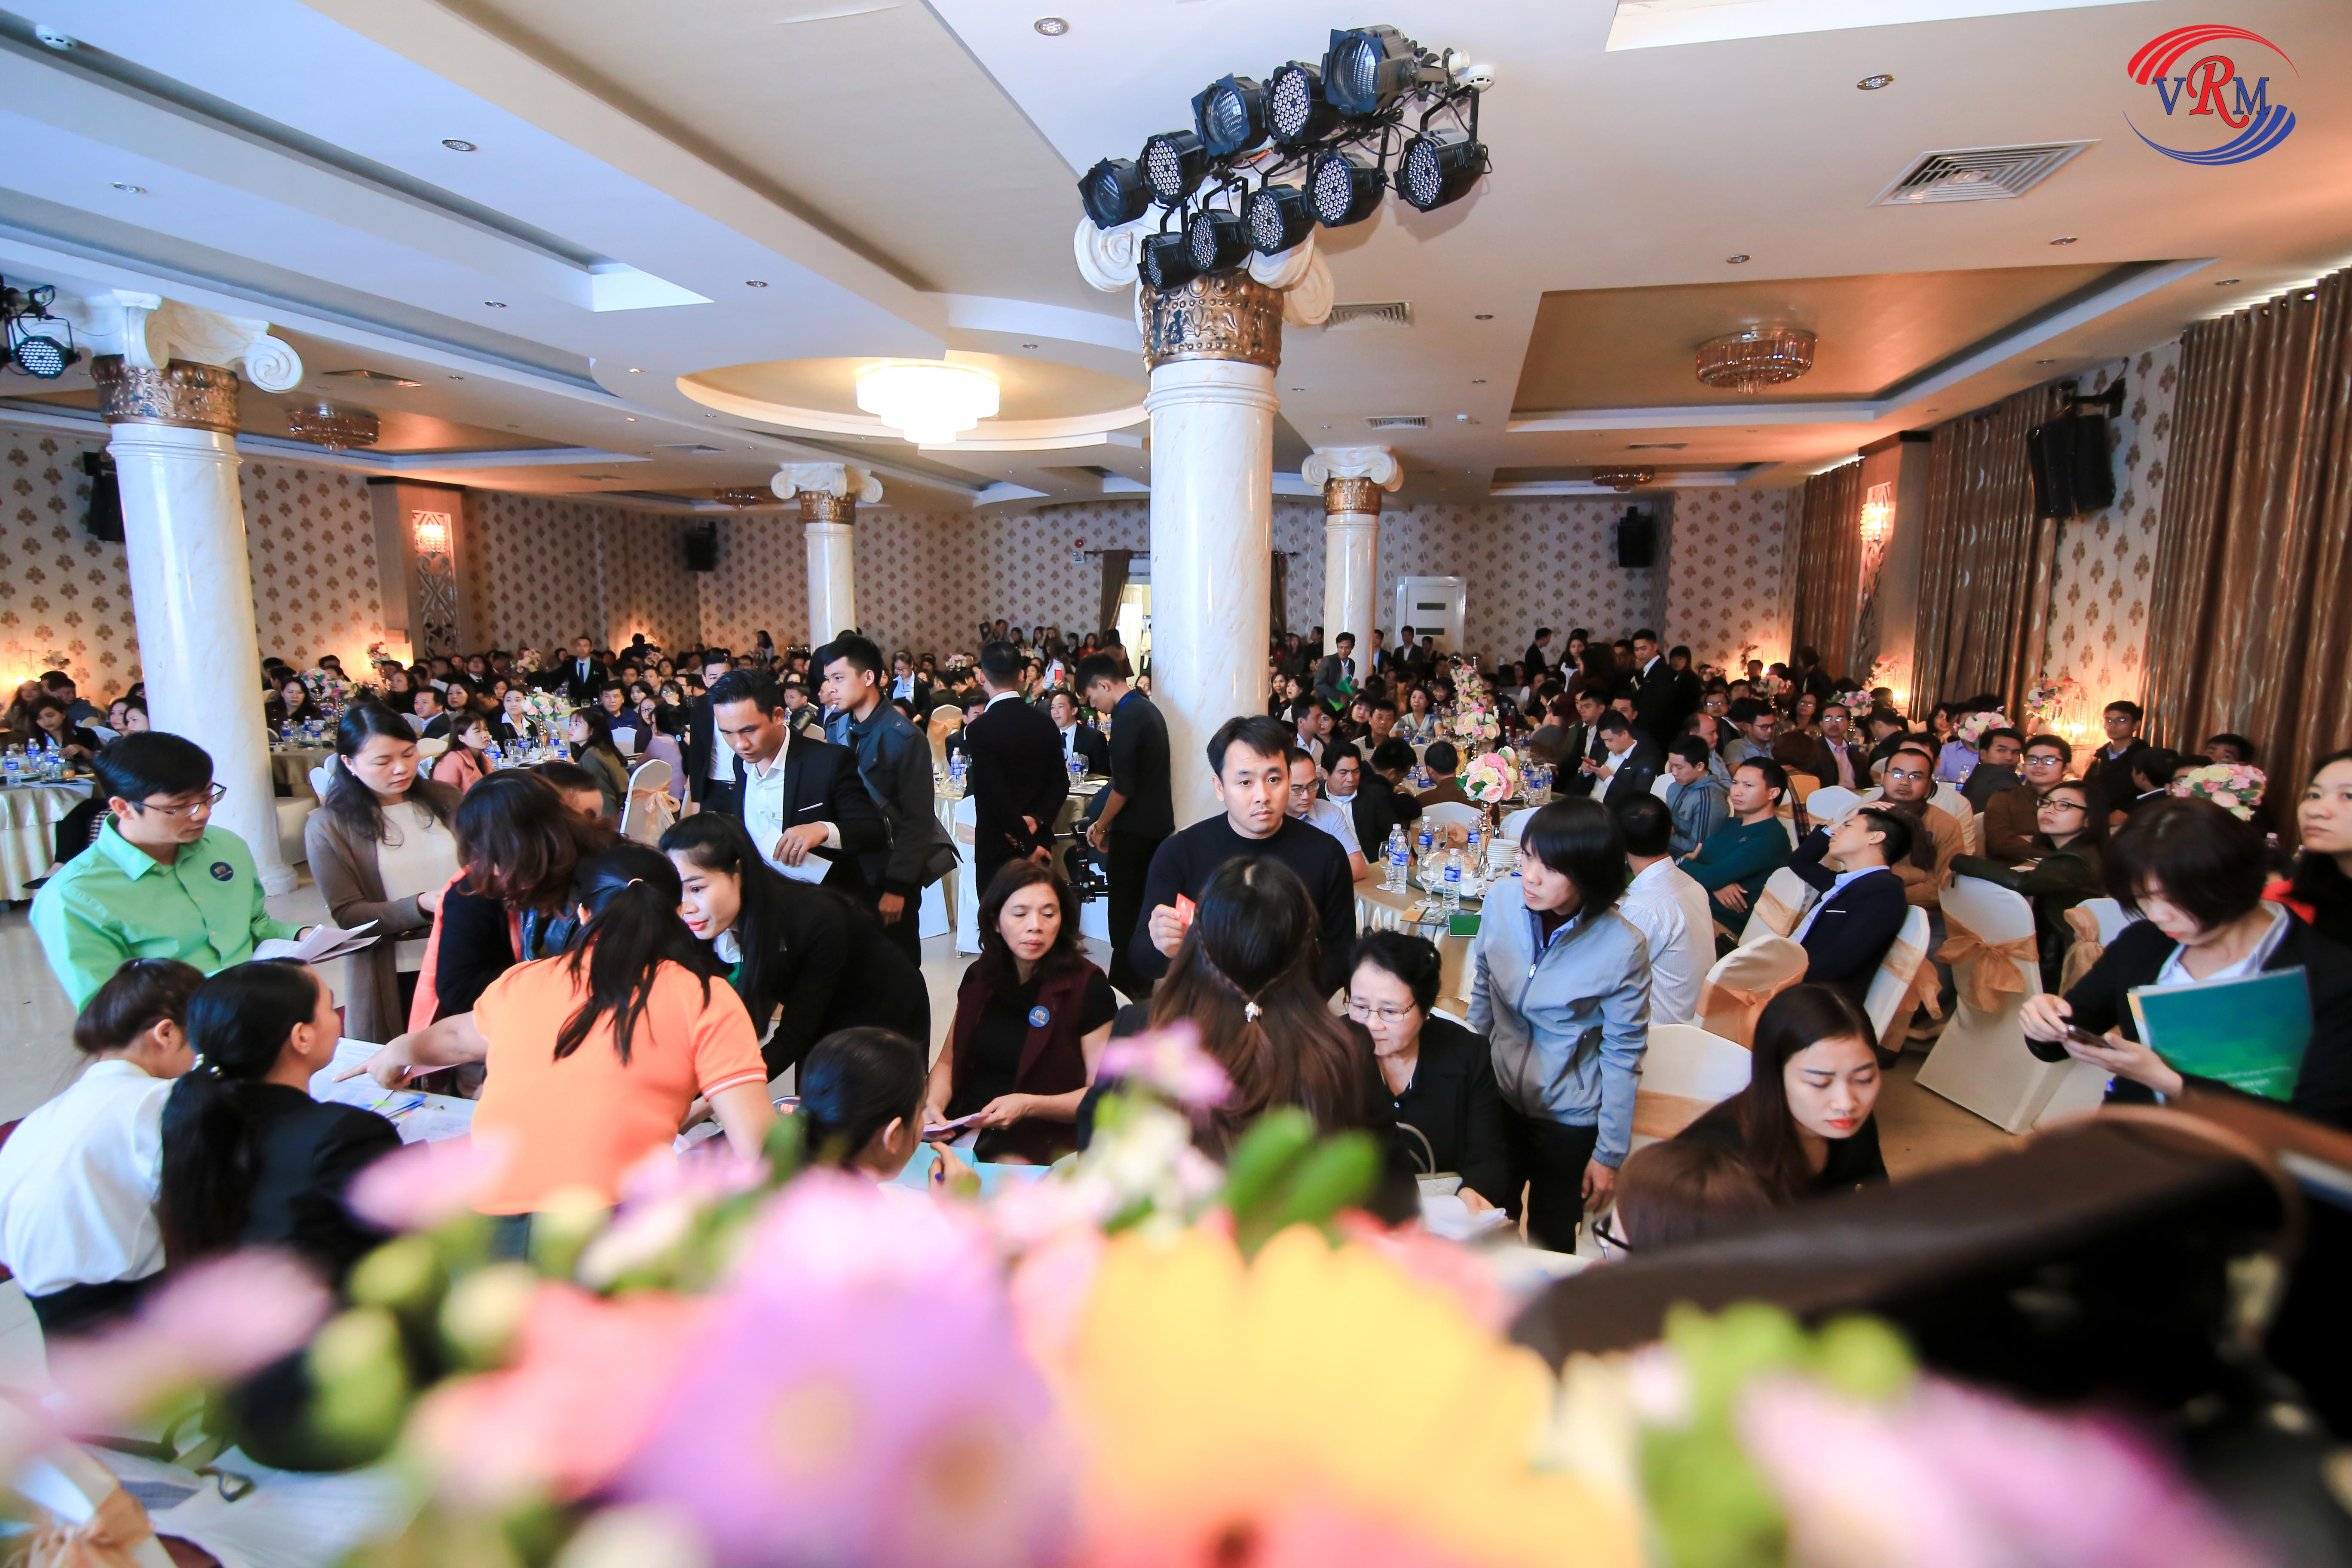 Căn hộ nghỉ dưỡng Đà Nẵng lên ngôi sau tết Mậu Tuất